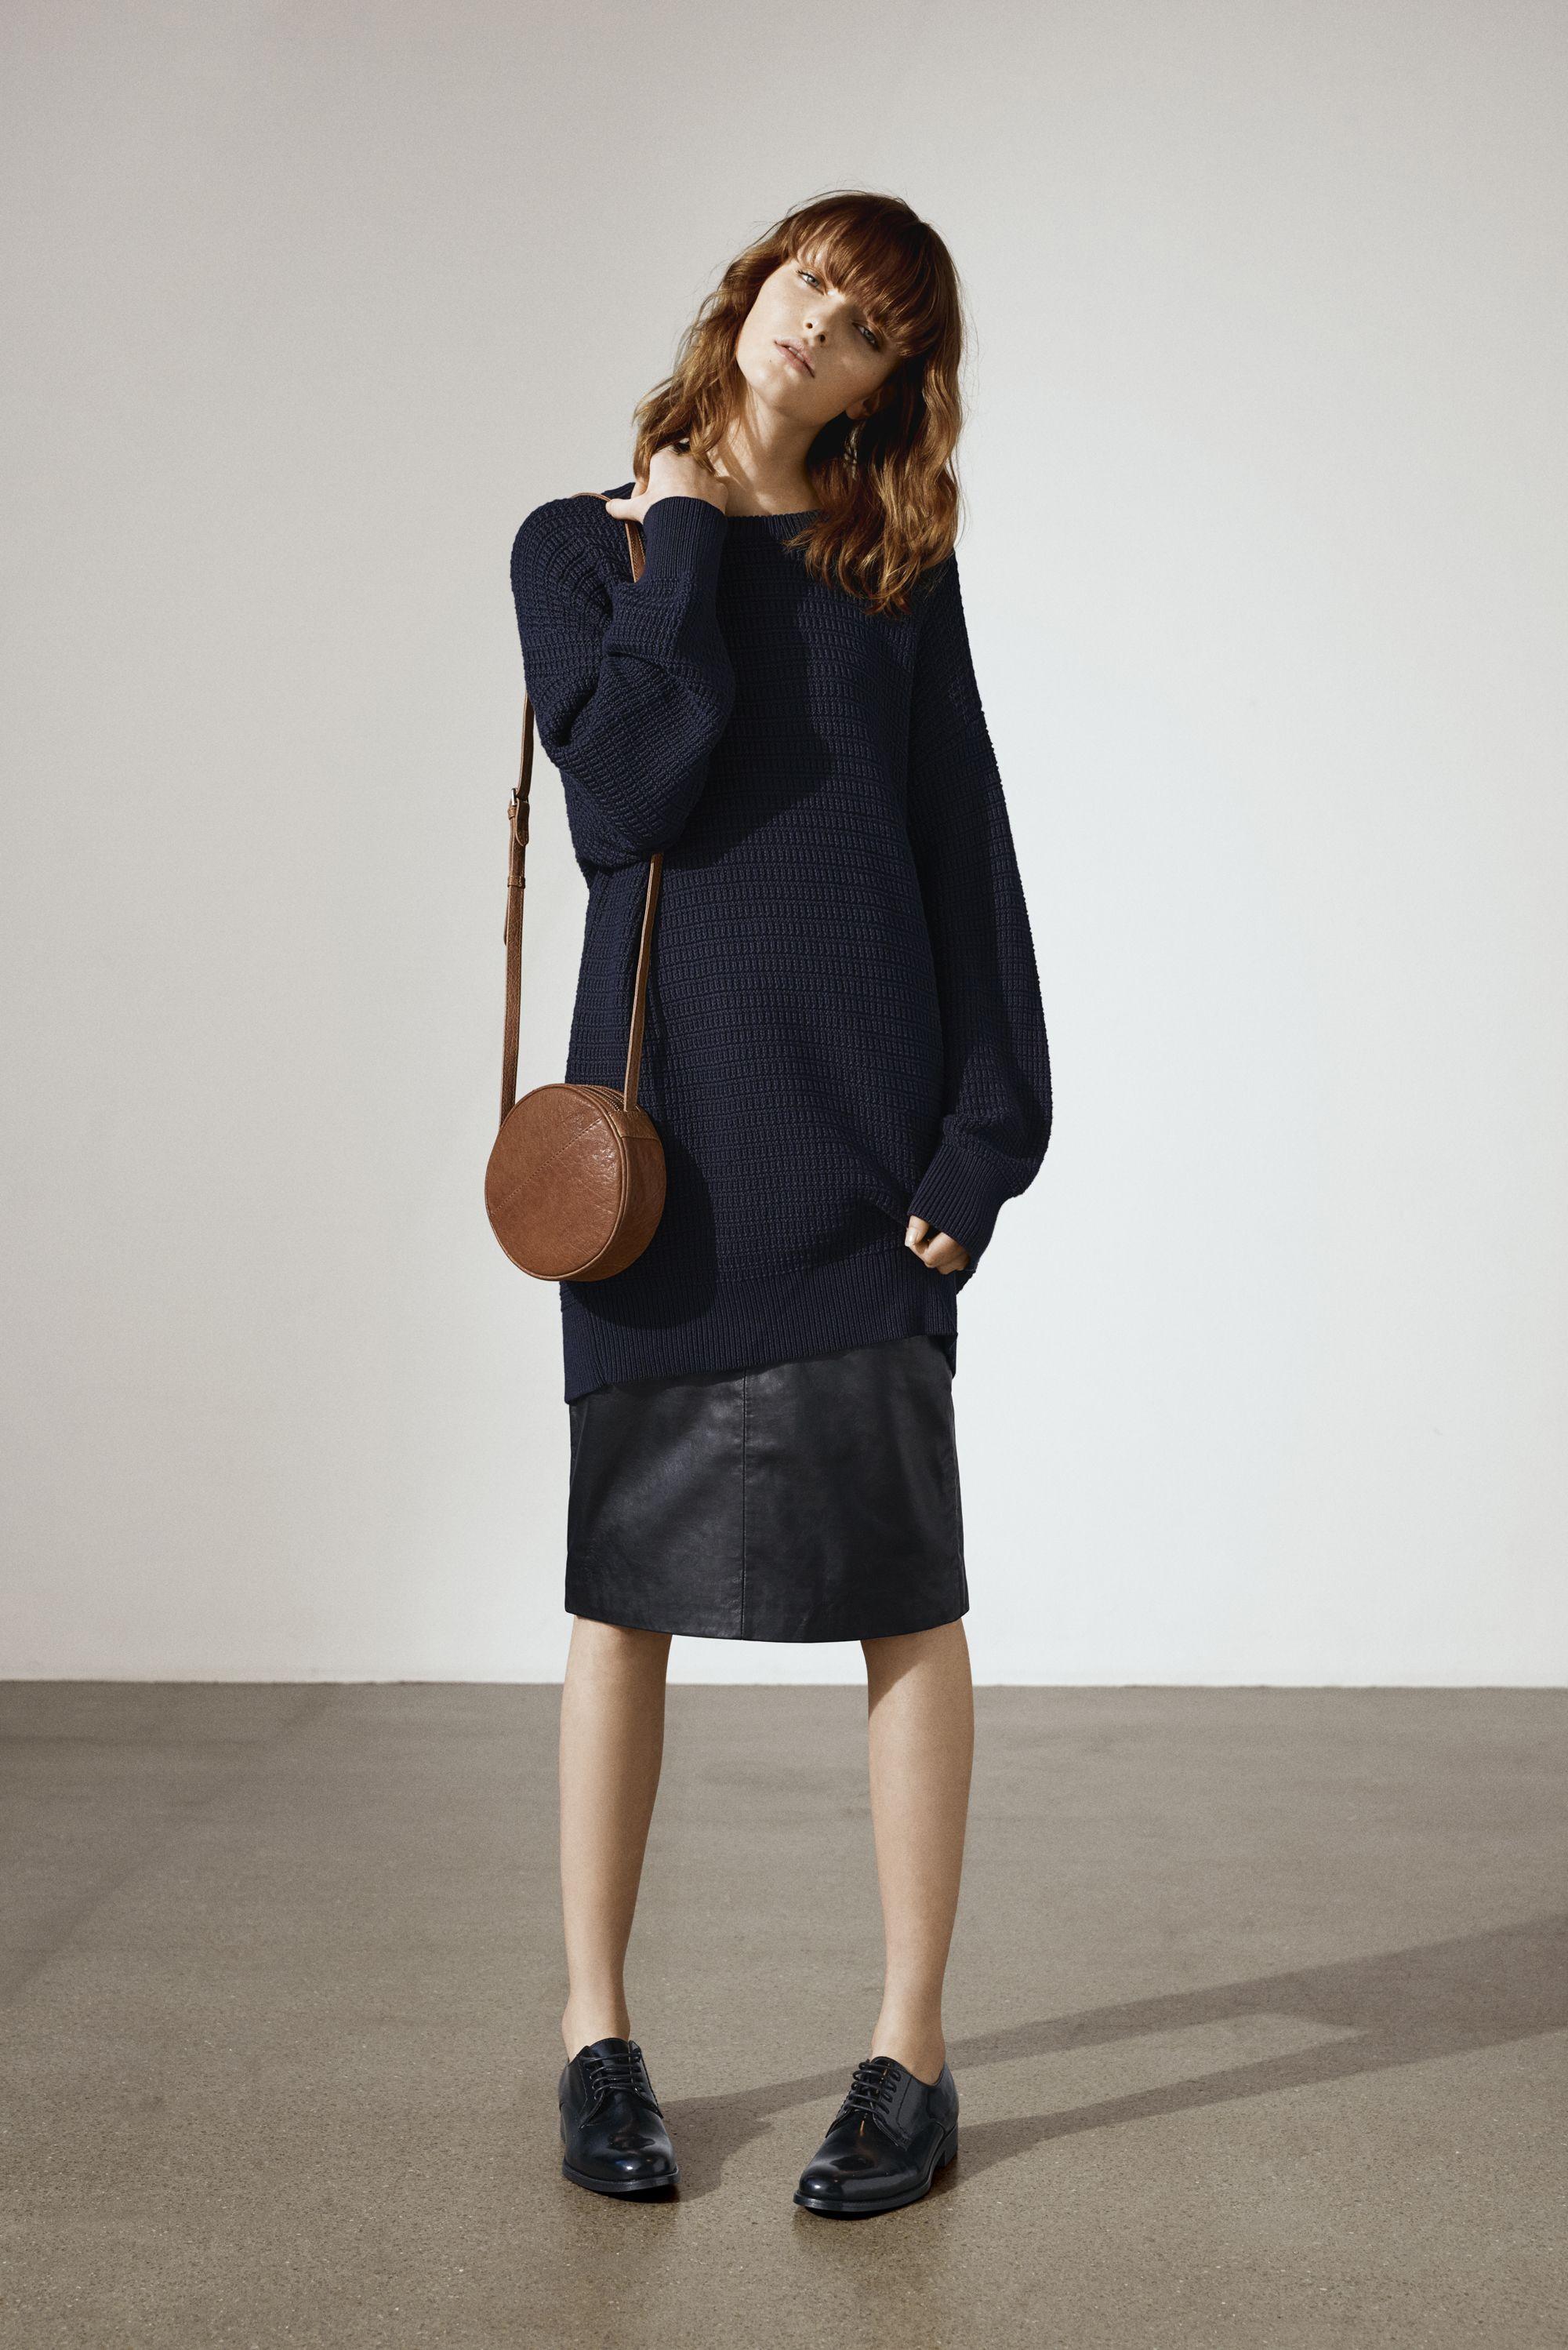 Anine Crossbody | Vintage leather | Round shape | Markberg AW16